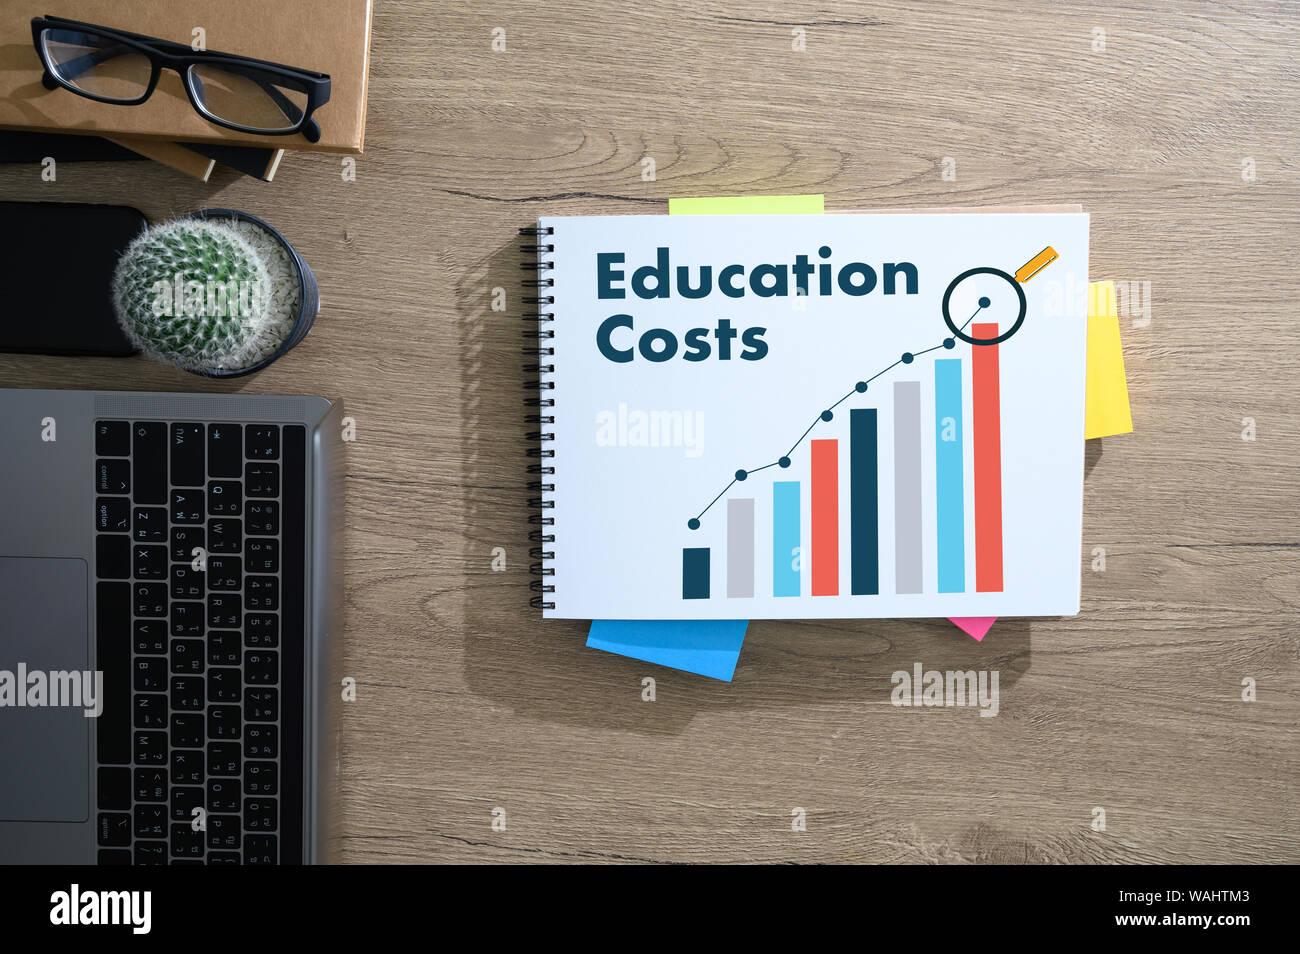 La educación gráfico que está mostrando una tendencia al alza en los costos de la educación análisis financiero. Foto de stock